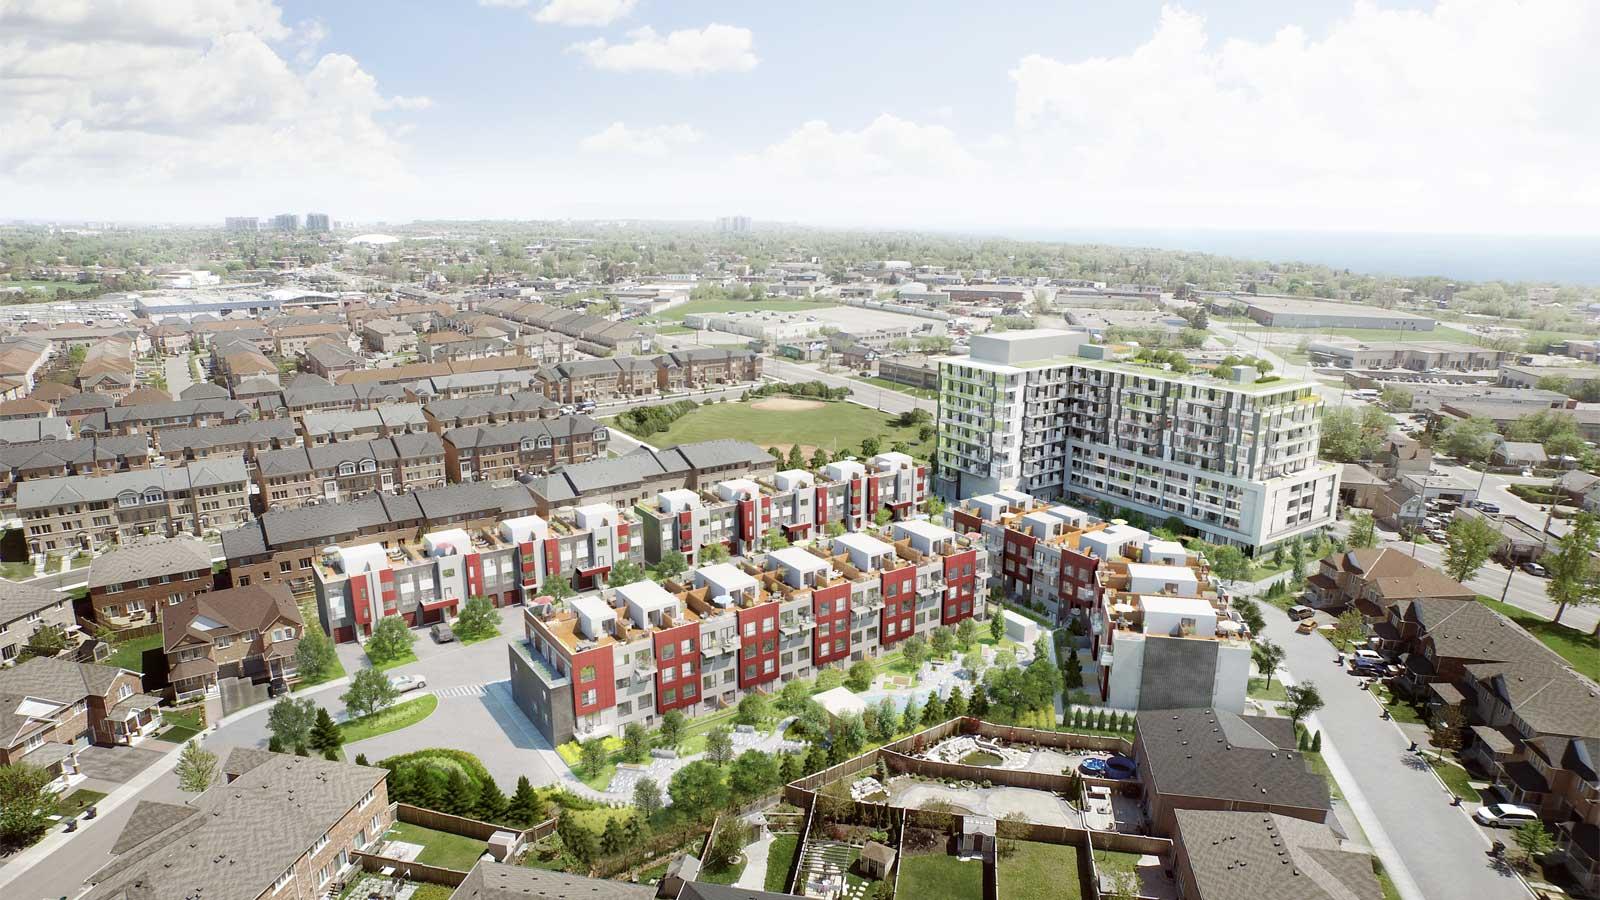 Danforth Square Aerial View